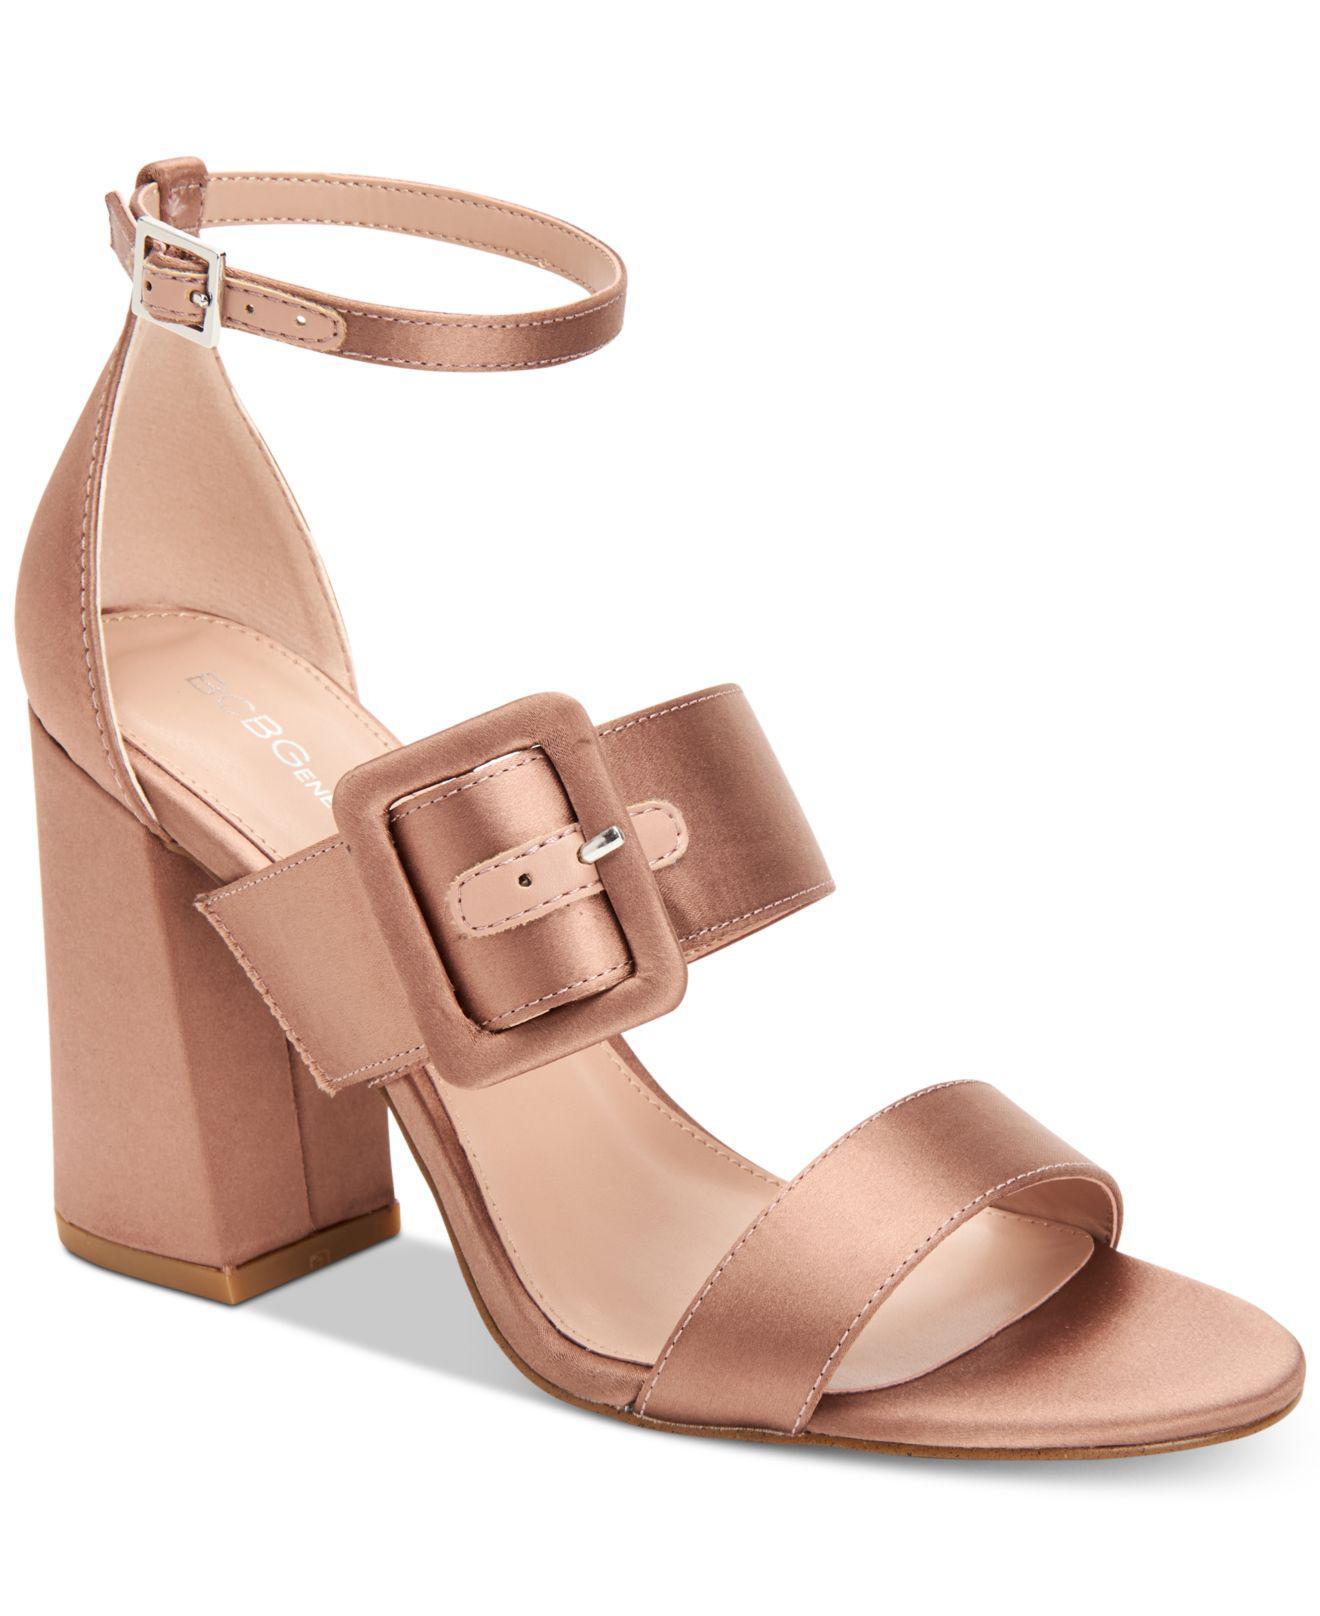 BCBGeneration Jenna Caged Dress Sandals Women's Shoes LbCf6WMi